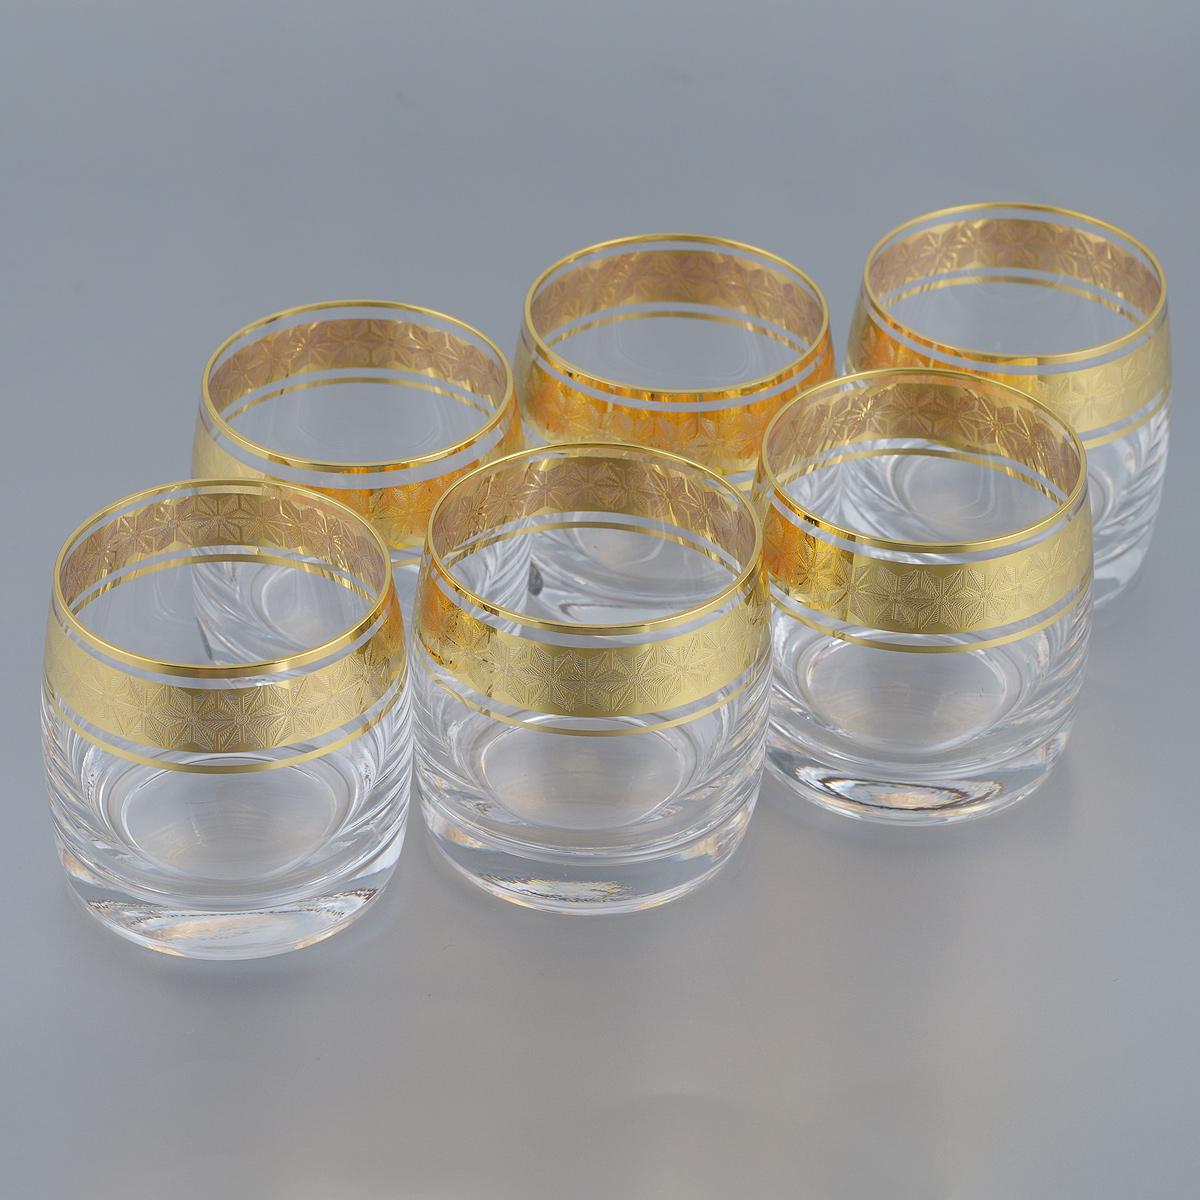 Набор стаканов Bohemia Crystal Ideal, 230 мл, 6 шт080740GНабор Bohemia Crystal Ideal состоит из шести стаканов. Изделия выполнены из высококачественного стекла. Стаканы имеют прозрачную поверхность и декорированы позолоченной окантовкой с орнаментом. Изделия излучают приятный блеск и издают мелодичный звон. Набор стаканов Bohemia Crystal Ideal прекрасно оформит интерьер кабинета или гостиной и станет отличным дополнением бара. Такой набор также станет хорошим подарком к любому случаю. Объем стакана: 230 мл. Диаметр стакана (по верхнему краю): 6,5 см.Высота стакана: 7 см.